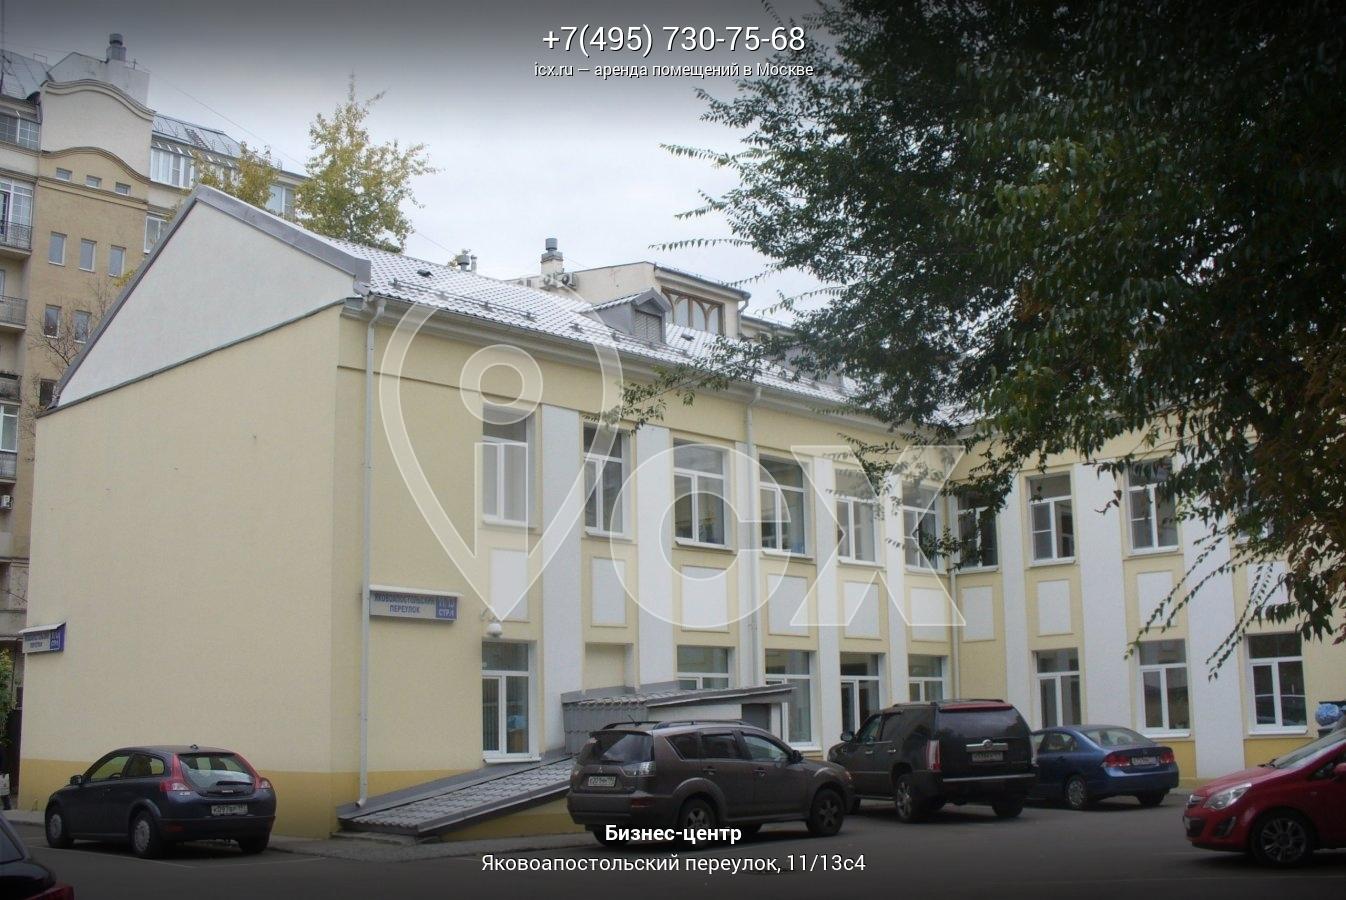 Аренда офиса 7 кв Яковоапостольский переулок анализ рынка коммерческой недвижимости новороссийск